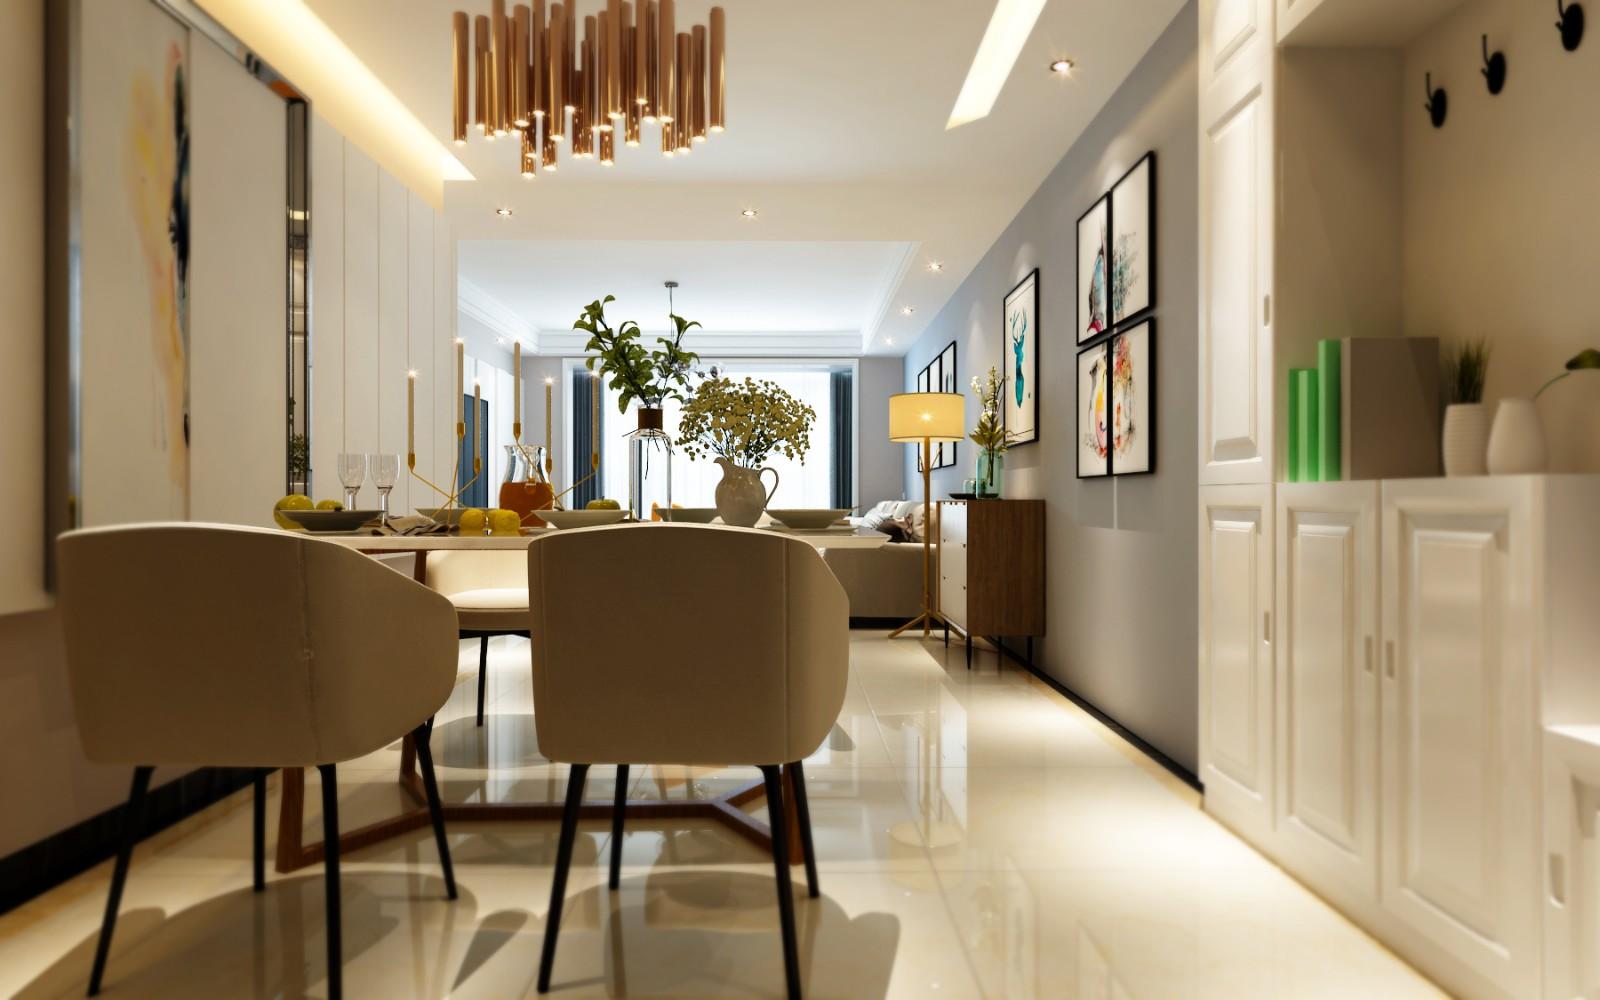 简约 混搭 二居 三居 客厅 卧室 厨房 别墅 餐厅图片来自合肥今朝宜居装饰  小权权在装修设计风格的分享